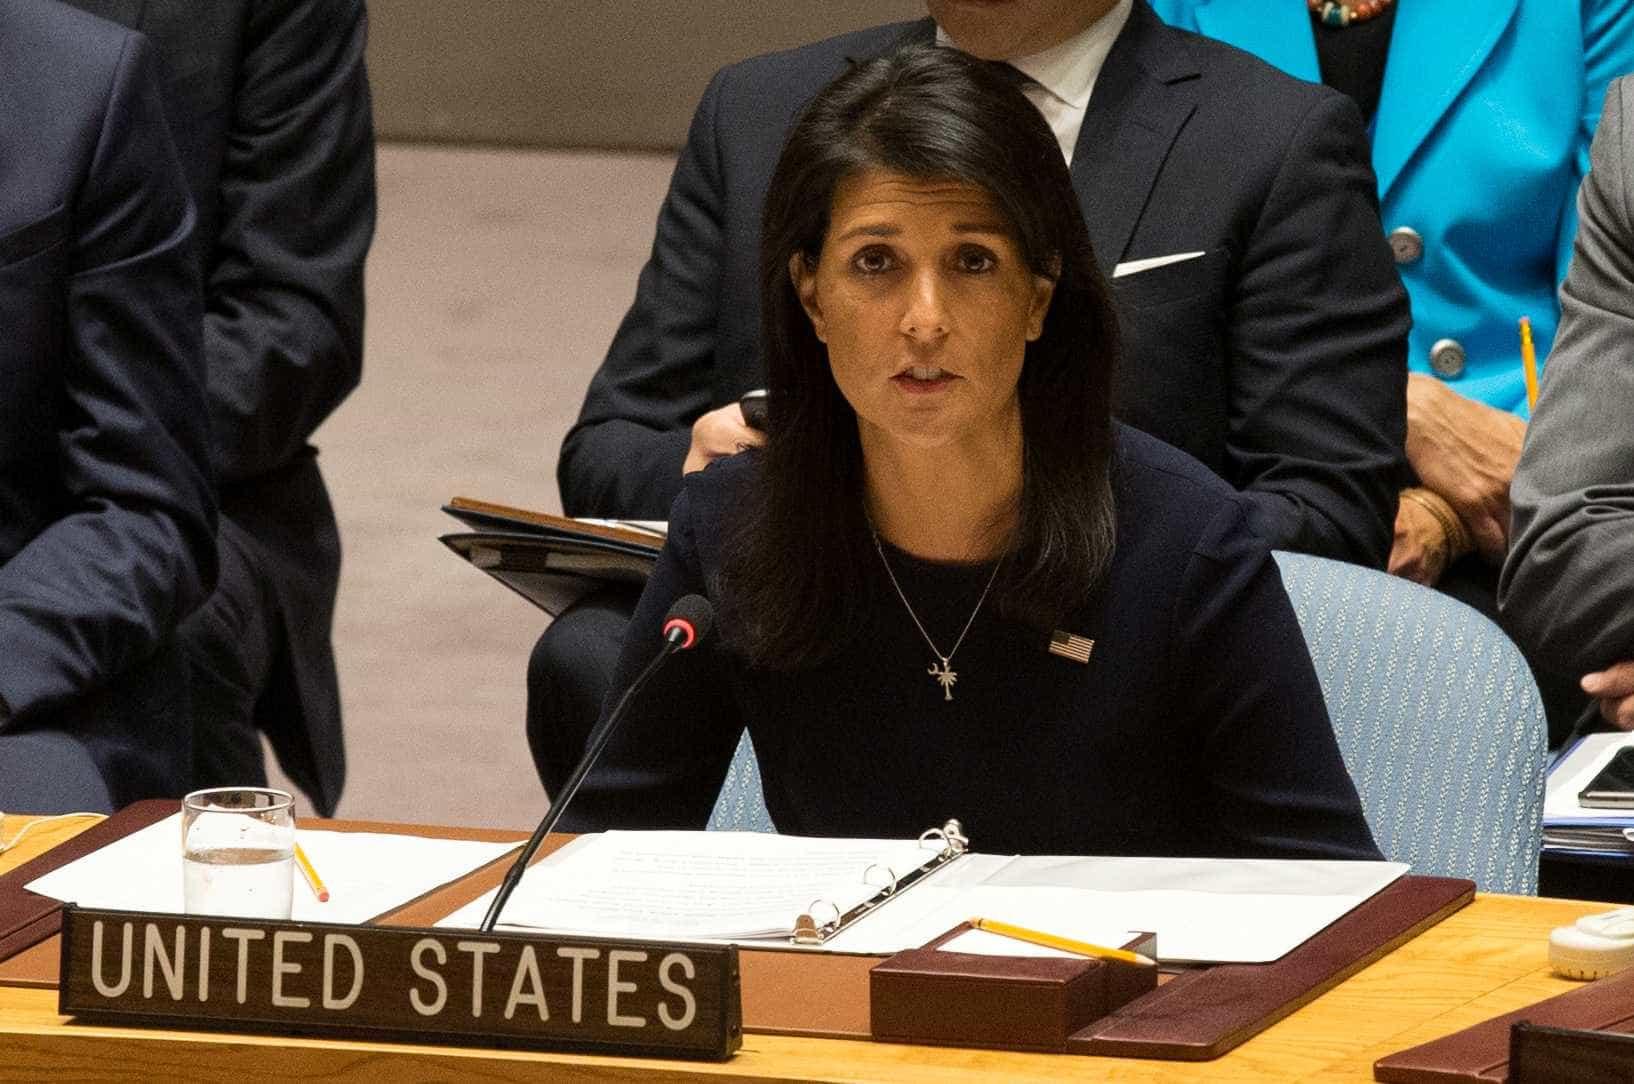 Embaixadora dos EUA nas Nações Unidas apresenta demissão